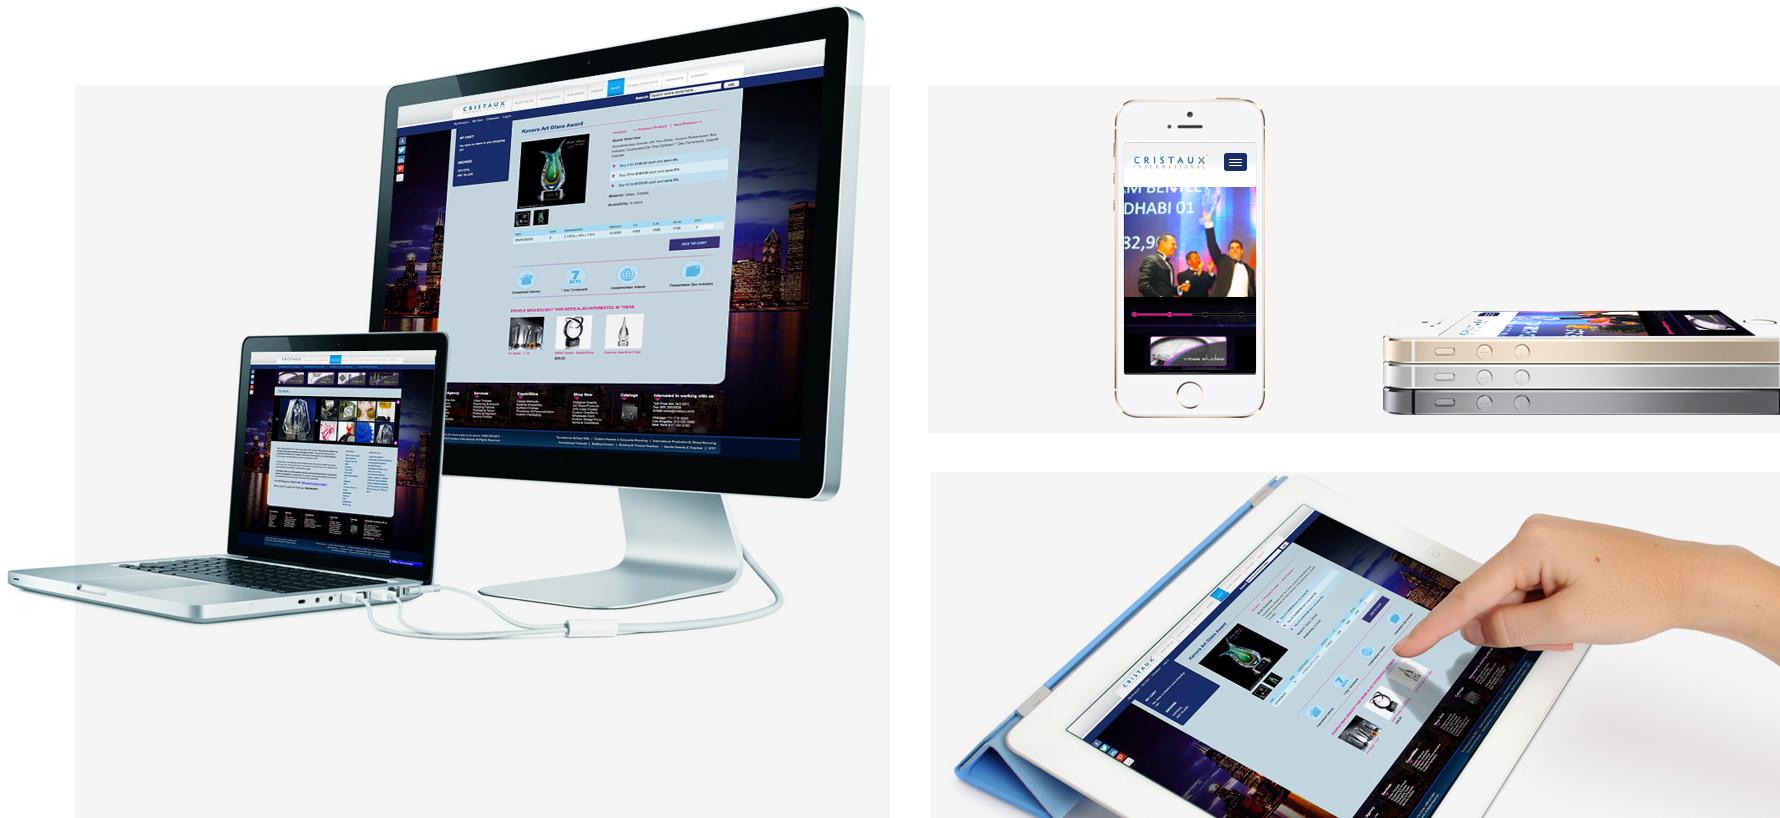 طراحی وب سایت زیبا و تمیز